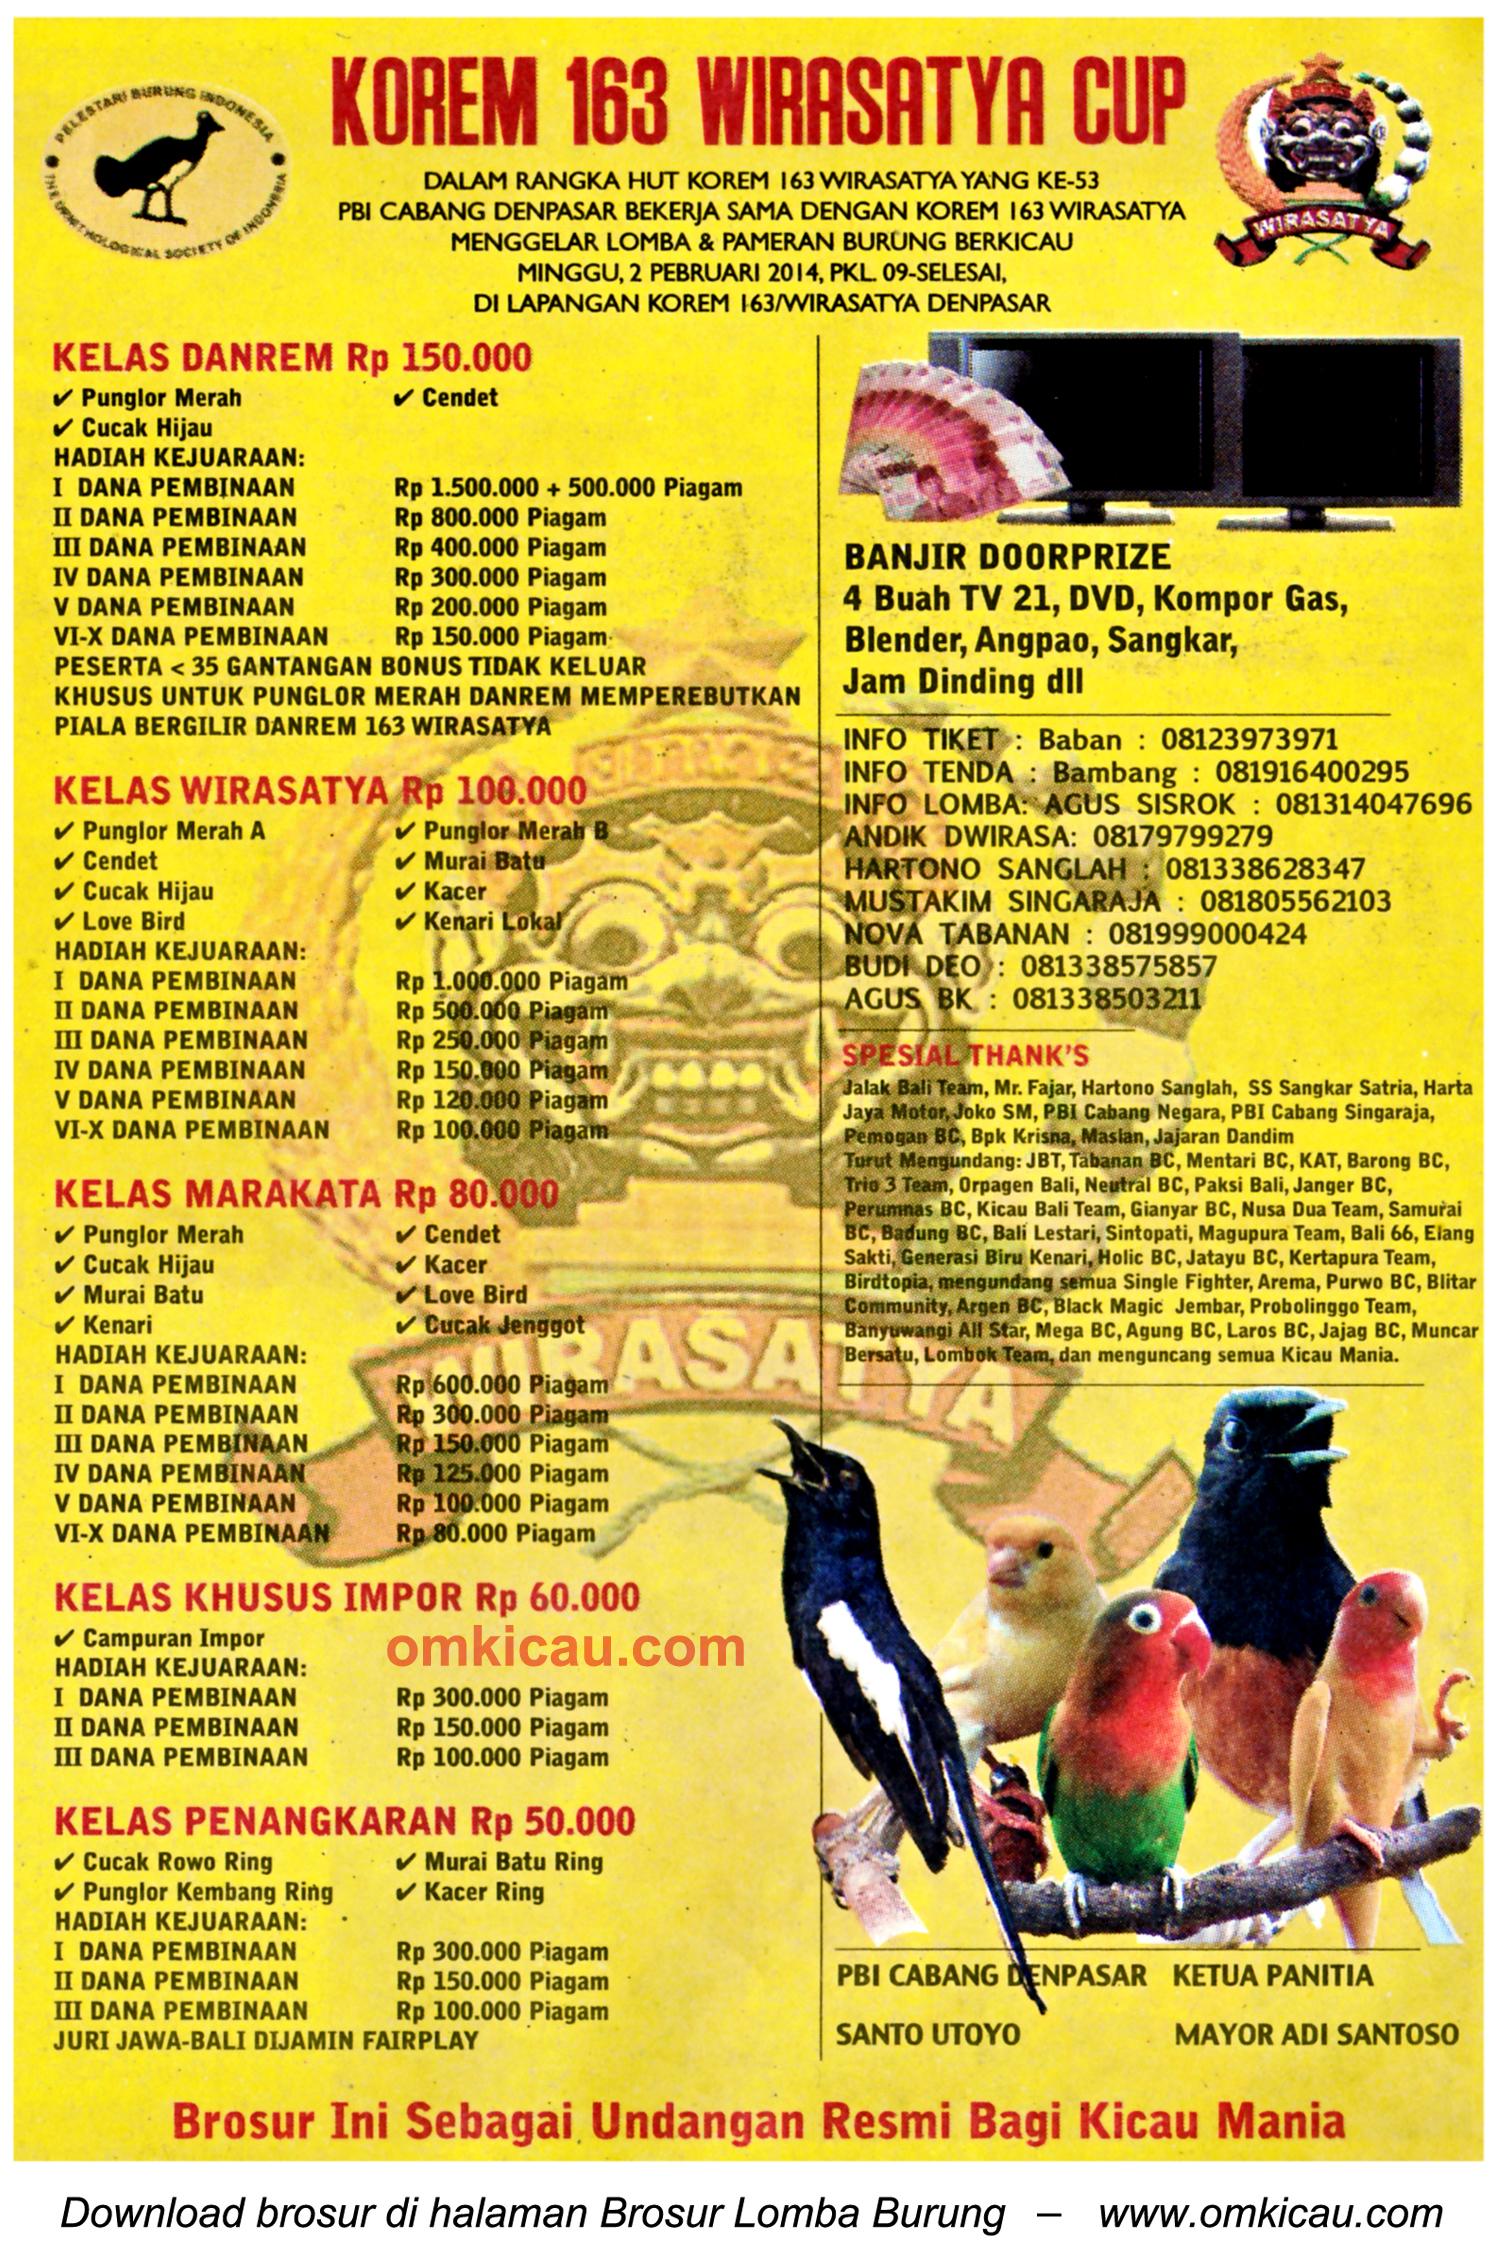 Brosur Lomba Burung Berkicau Korem 163 Wirasatya Cup, Denpasar, 2 Februari 2014